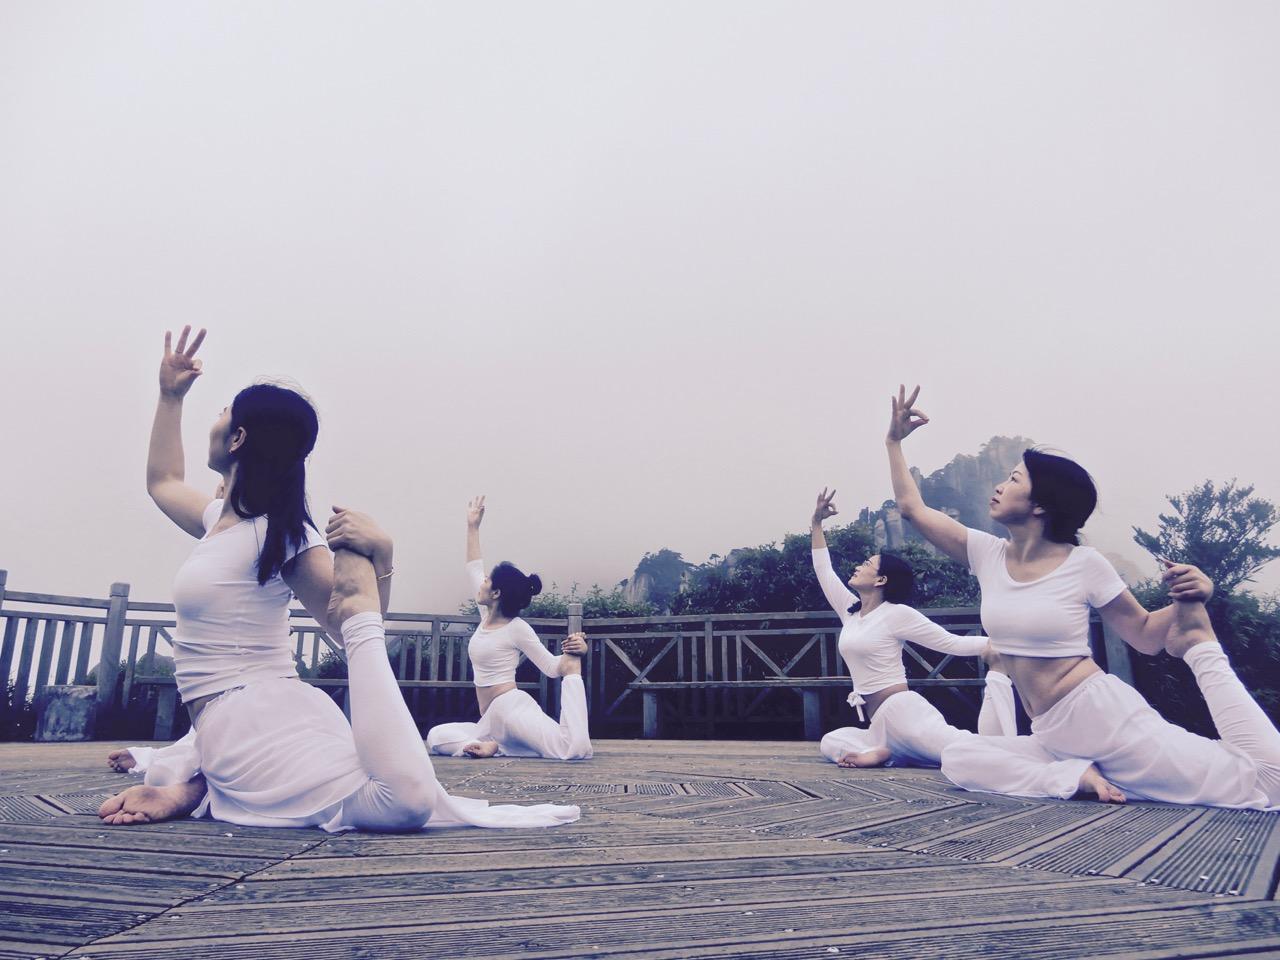 70后的她们用瑜伽诠释了三清山的道法